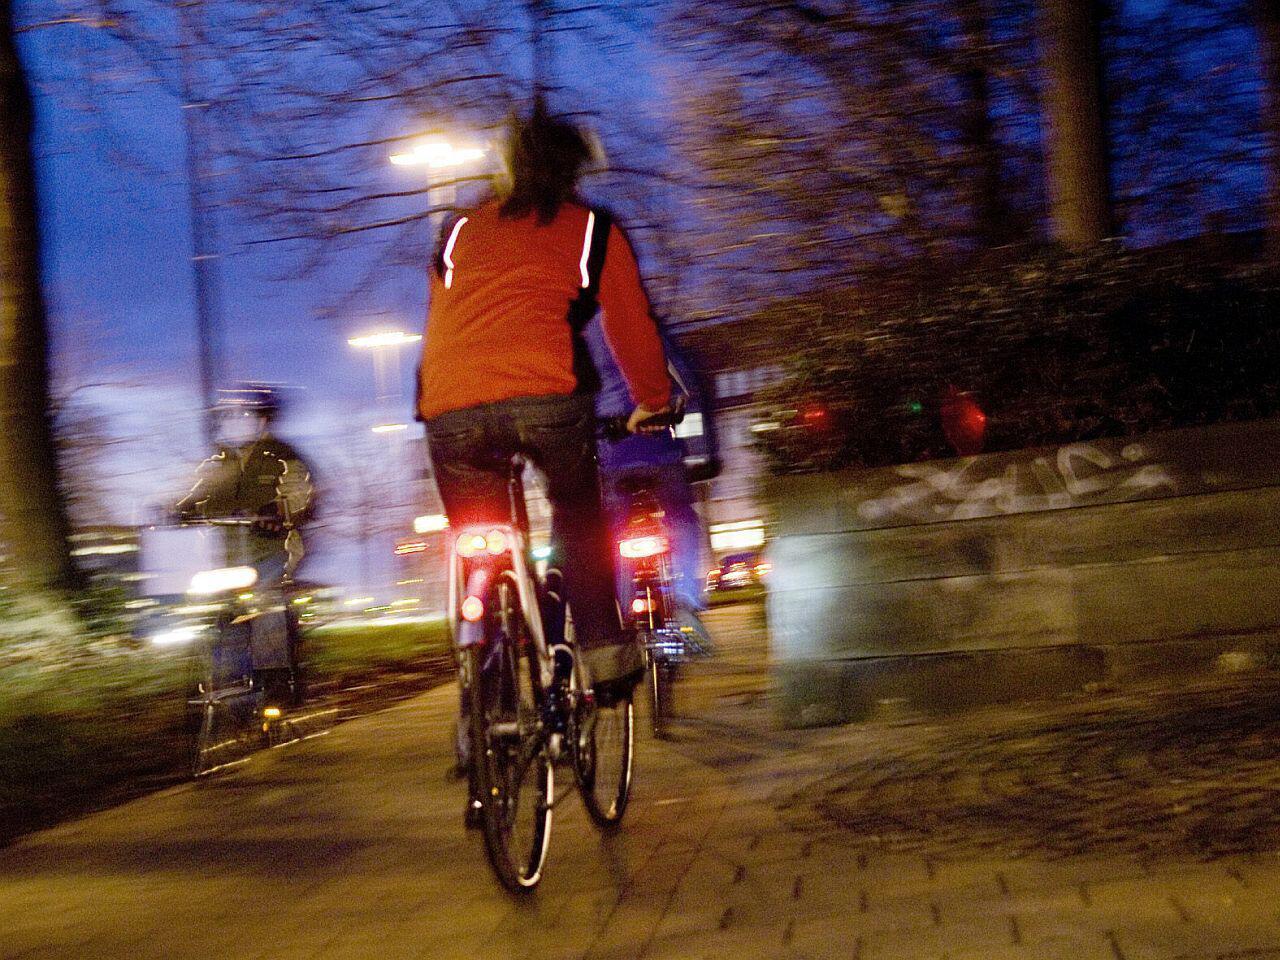 Bild zu Wer betrunken aufs Fahrrad steigt, riskiert seinen Führerschein